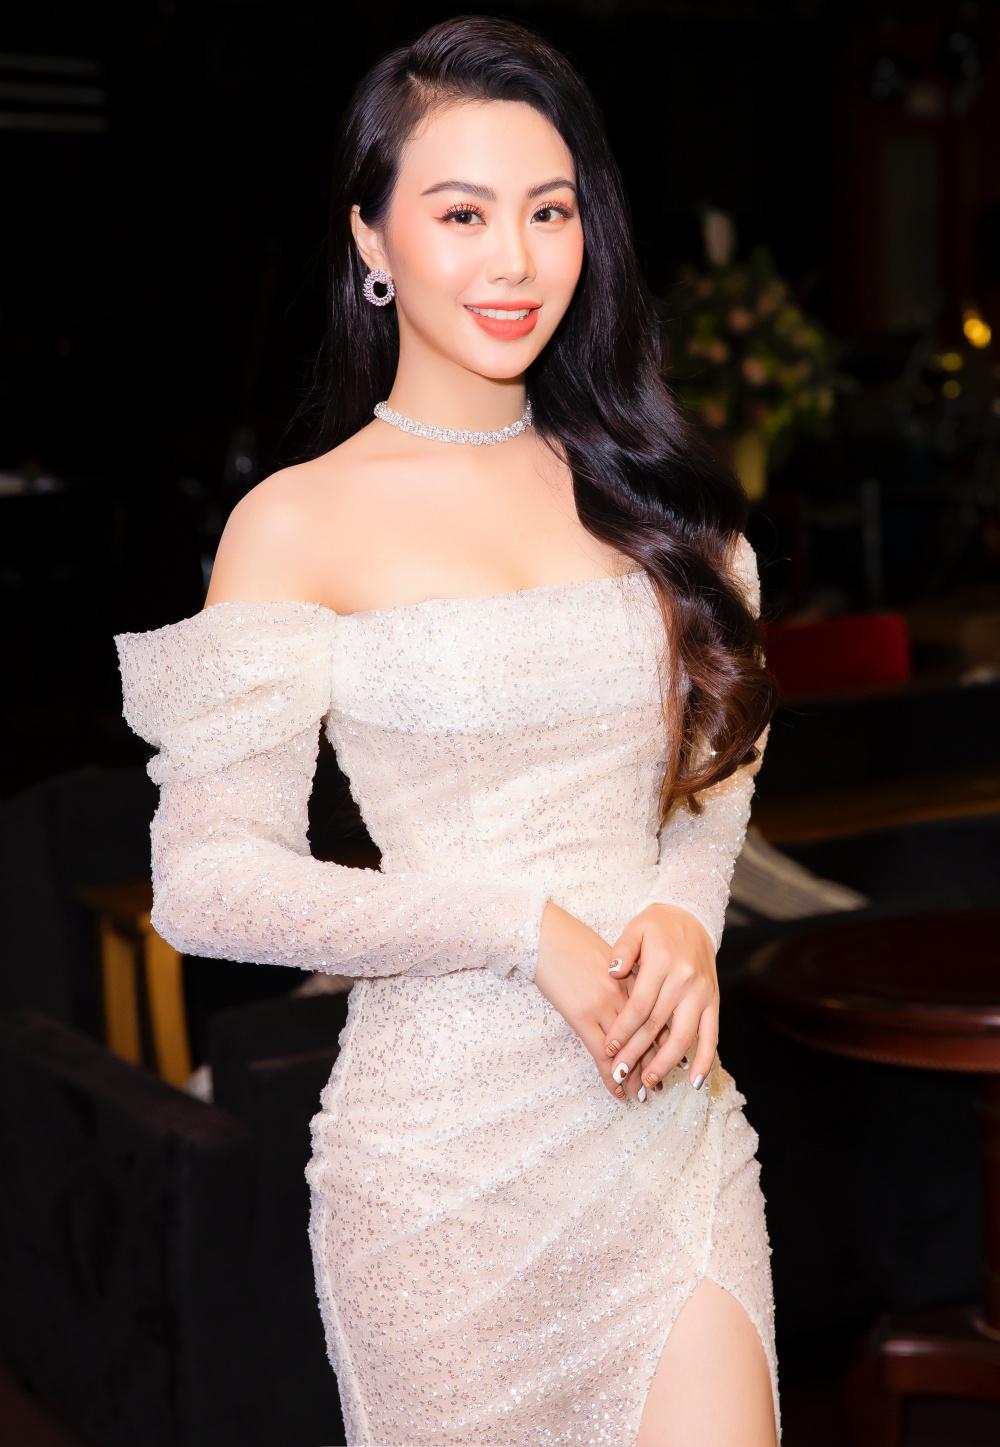 Hé lộ nữ ca sĩ nóng bỏng được Phi Nhung khen, Mạnh Quỳnh hậu thuẫn hết mình 1